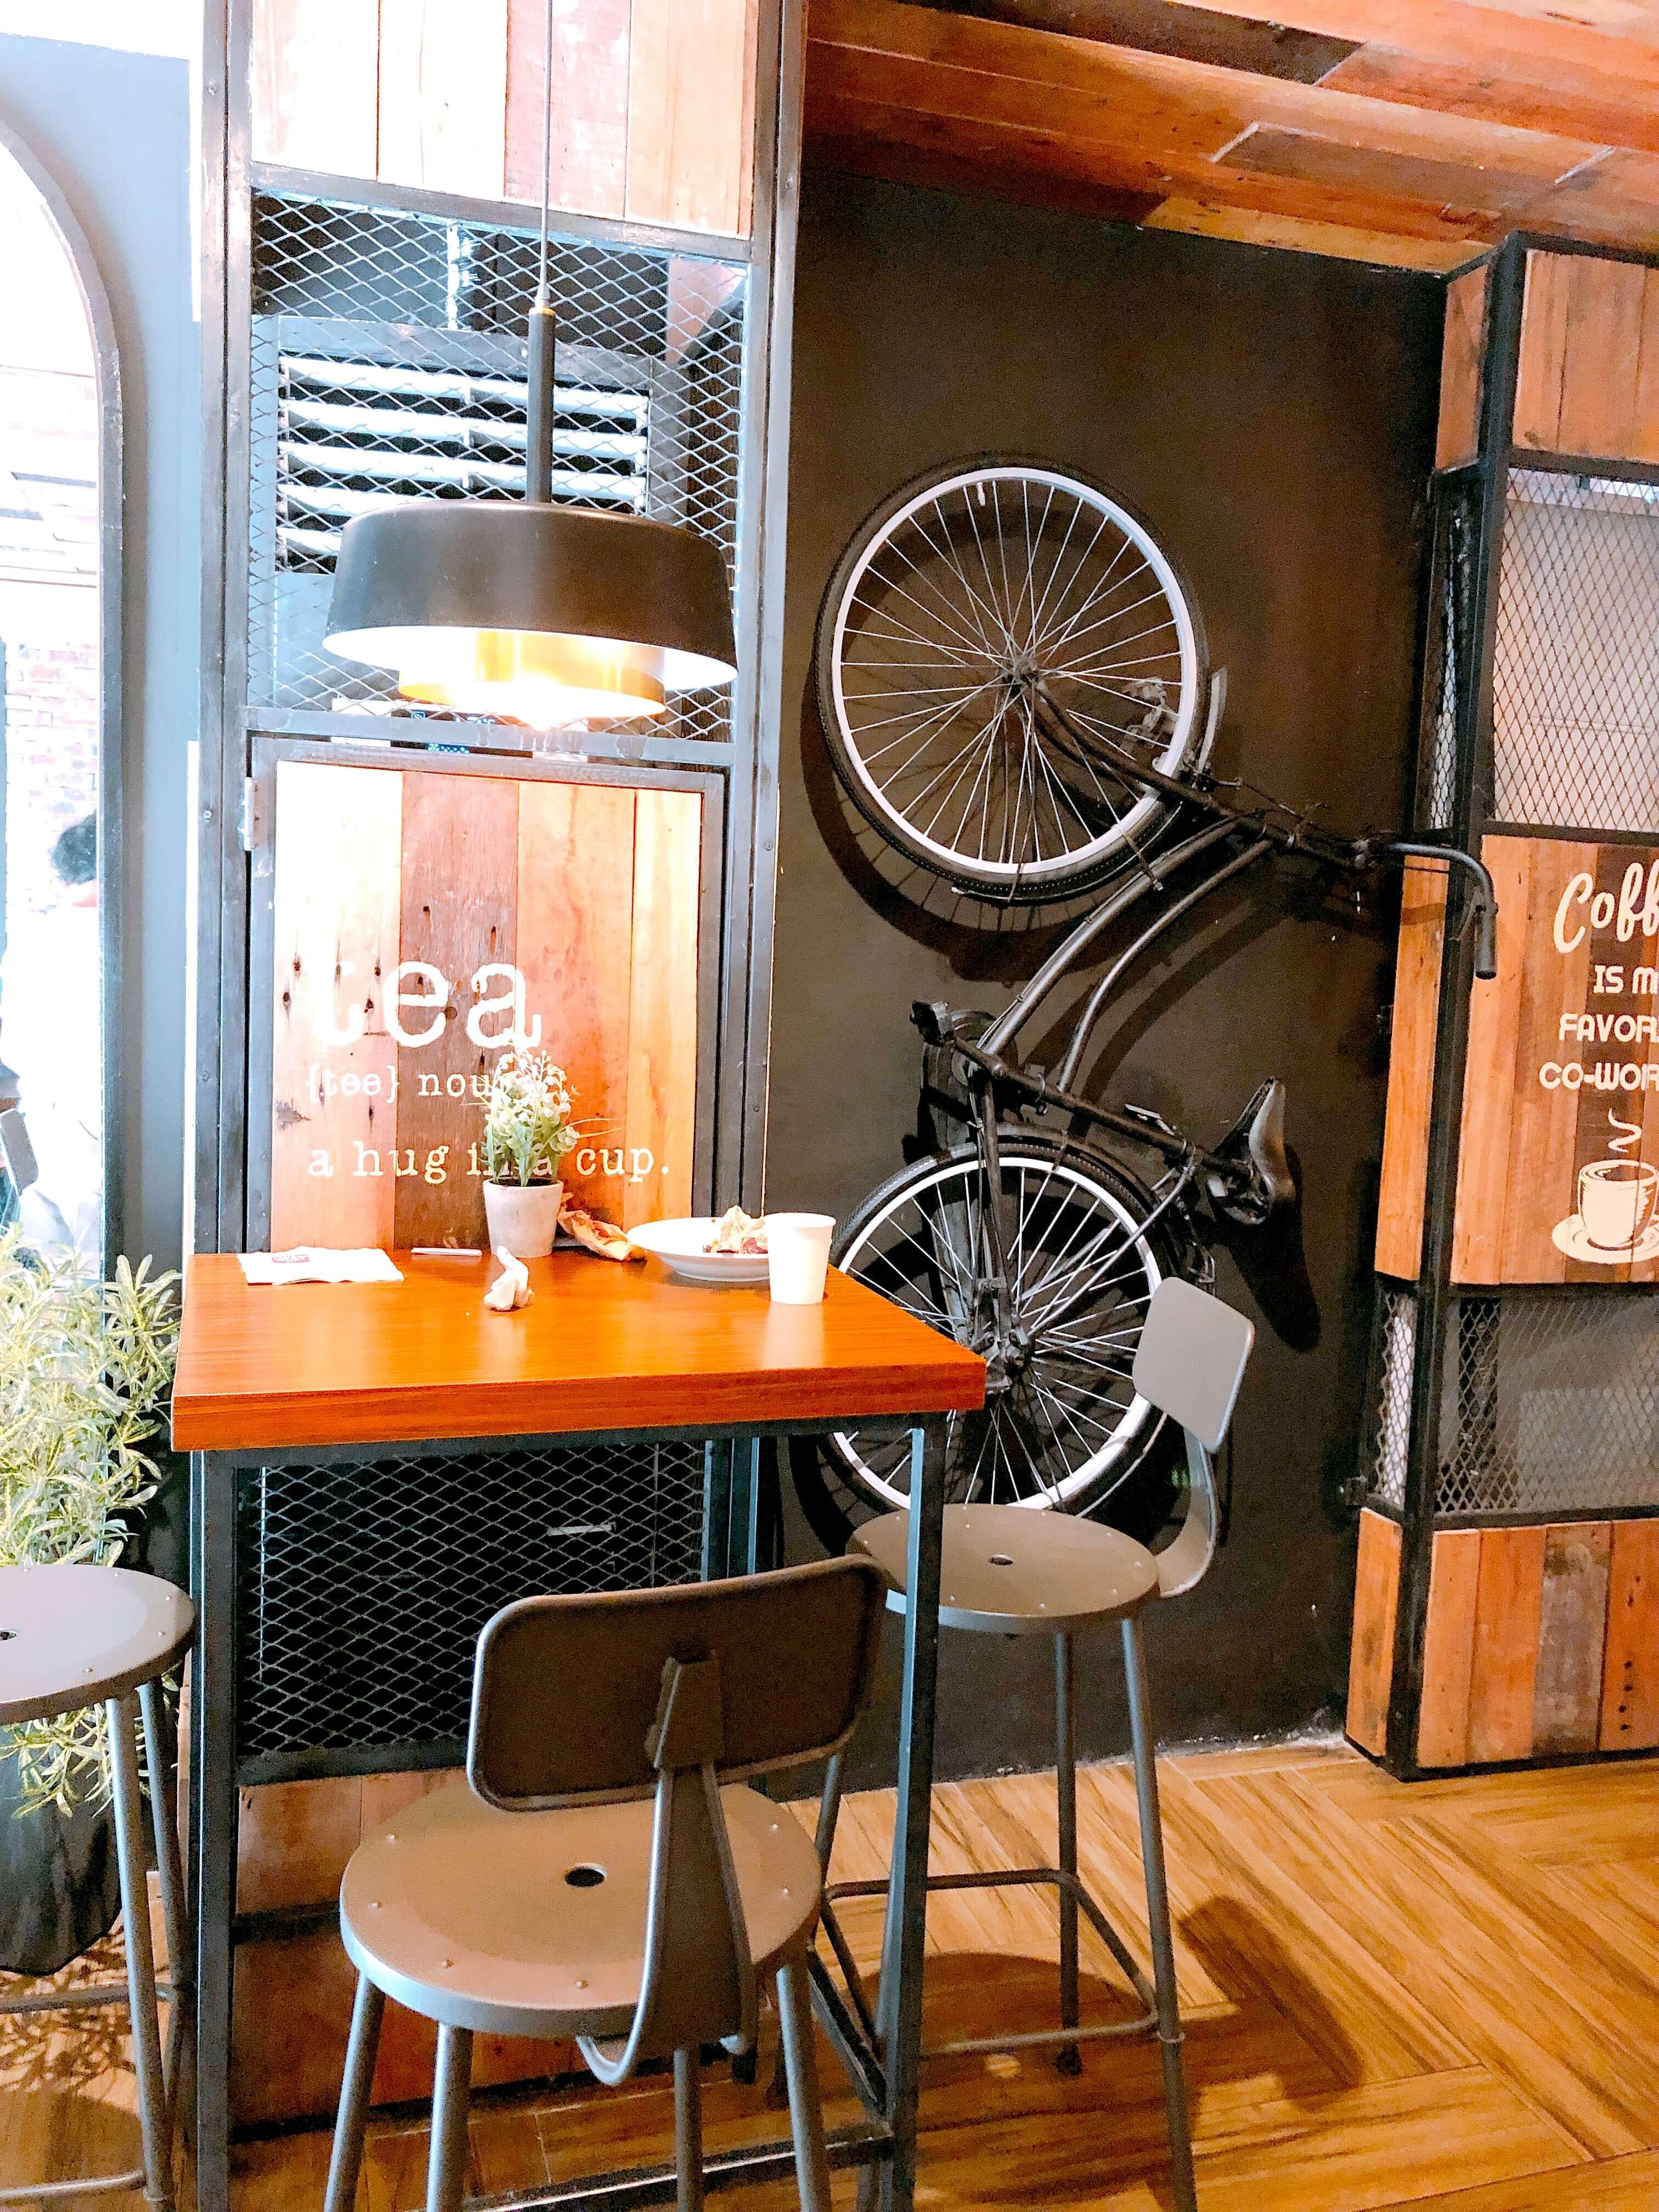 コーヒープロジェクトのオシャレな座席